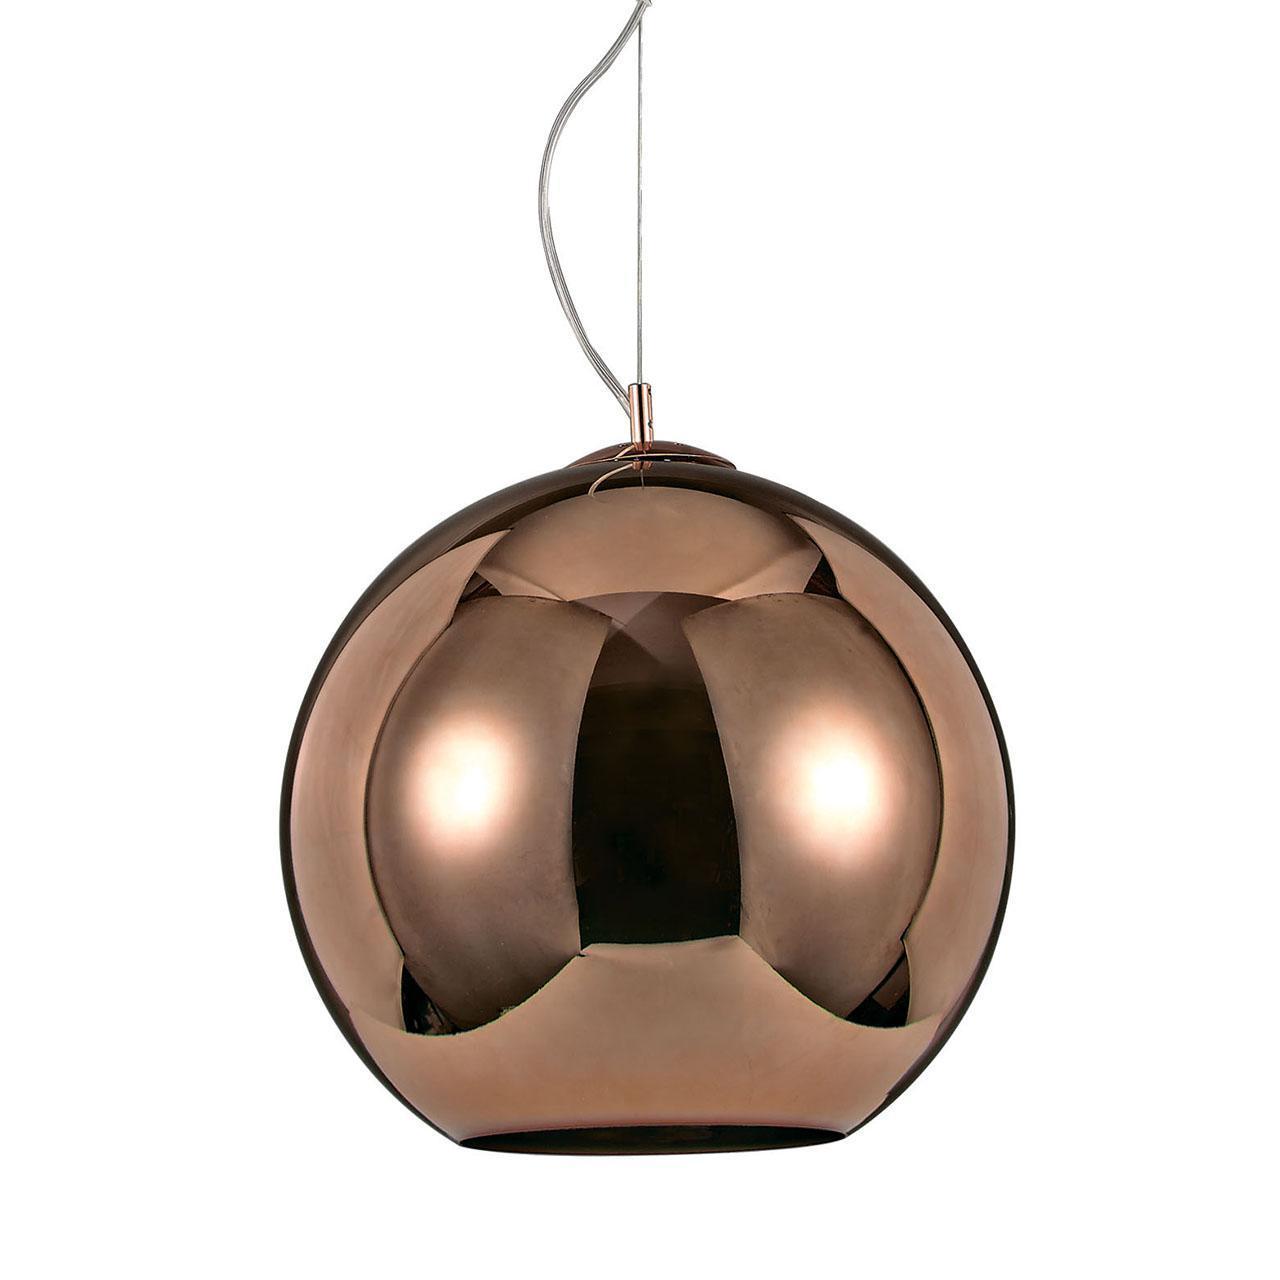 Подвесной светильник Ideal Lux Nemo SP1 D40 Rame светильник подвесной ideal lux tolomeo tolomeo sp1 d40 grigio